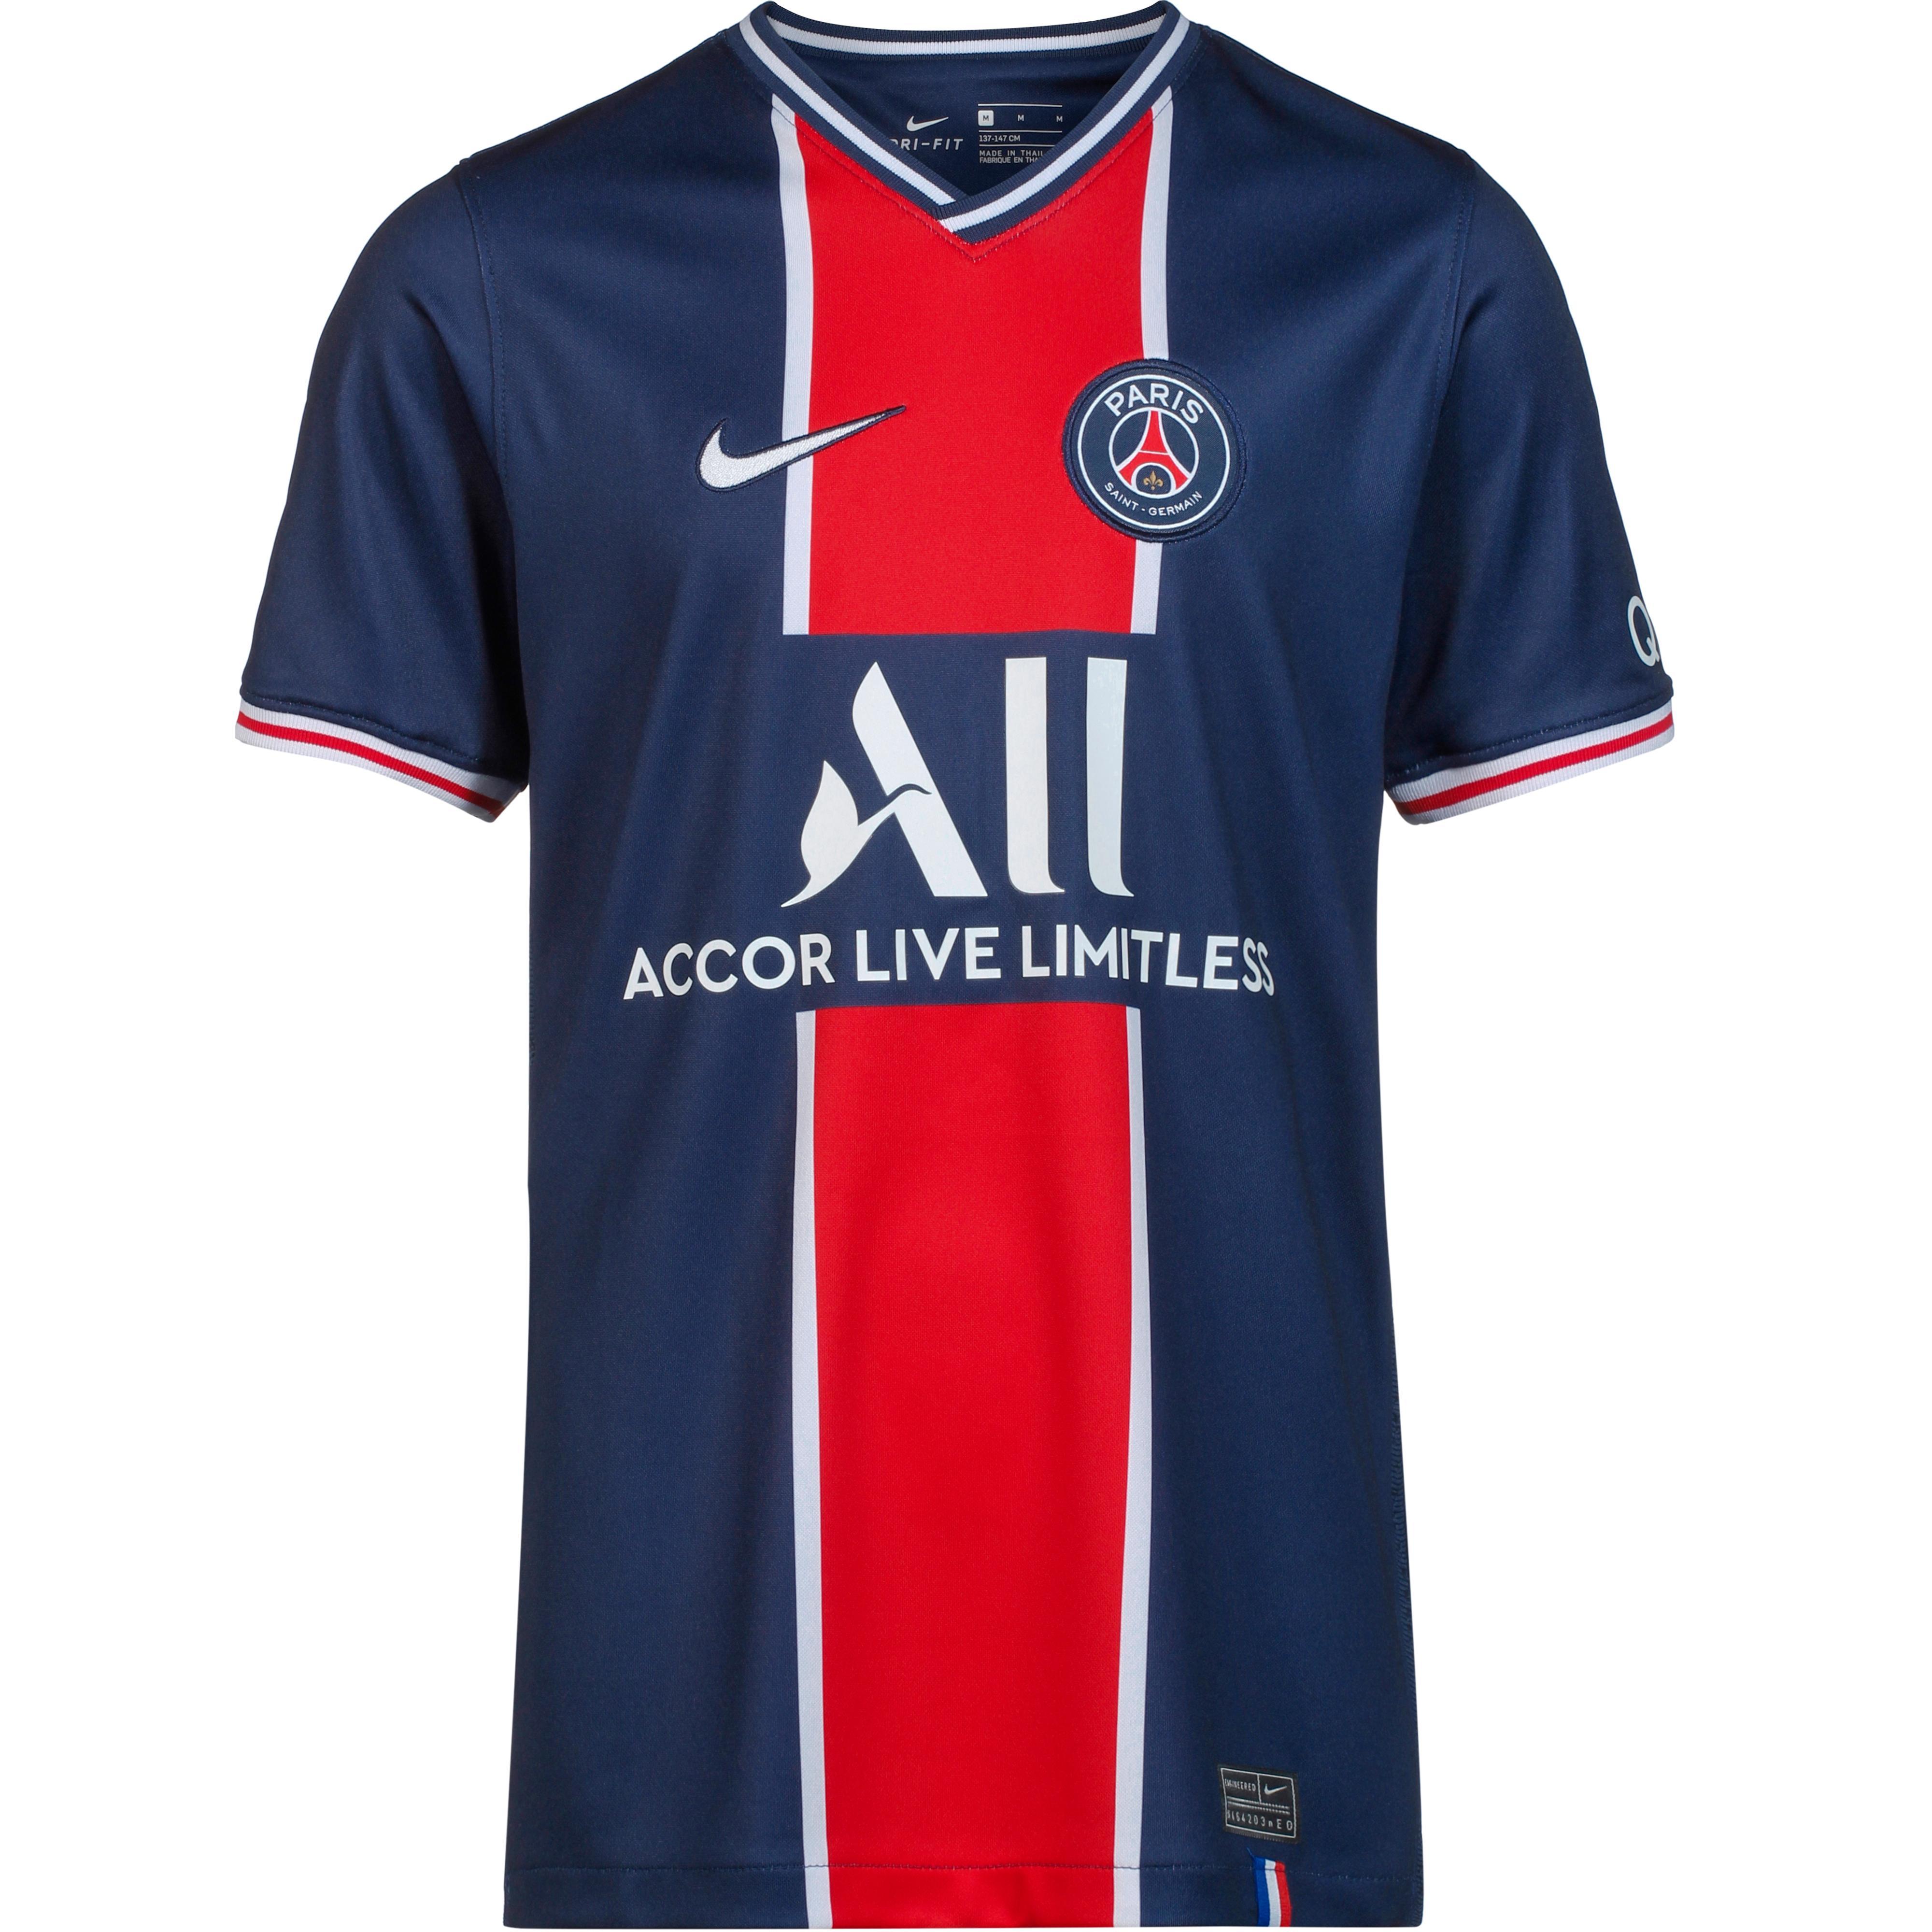 nike paris saint germain 20 21 heim trikot kinder midnight navy white im online shop von sportscheck kaufen